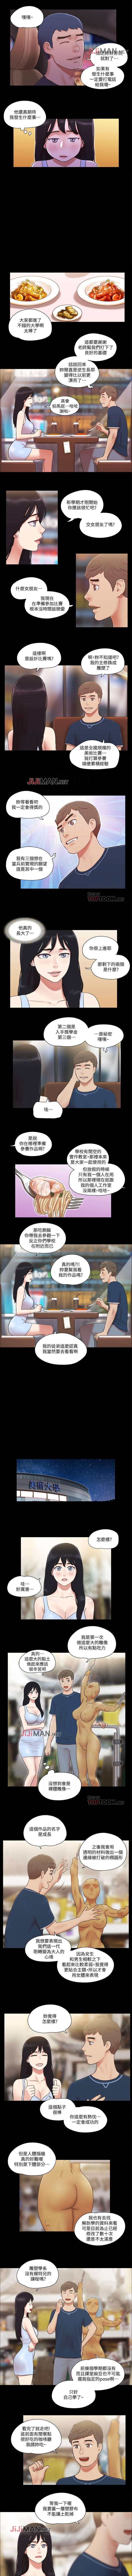 【周五连载】协议换爱(作者:遠德) 第1~62话 214